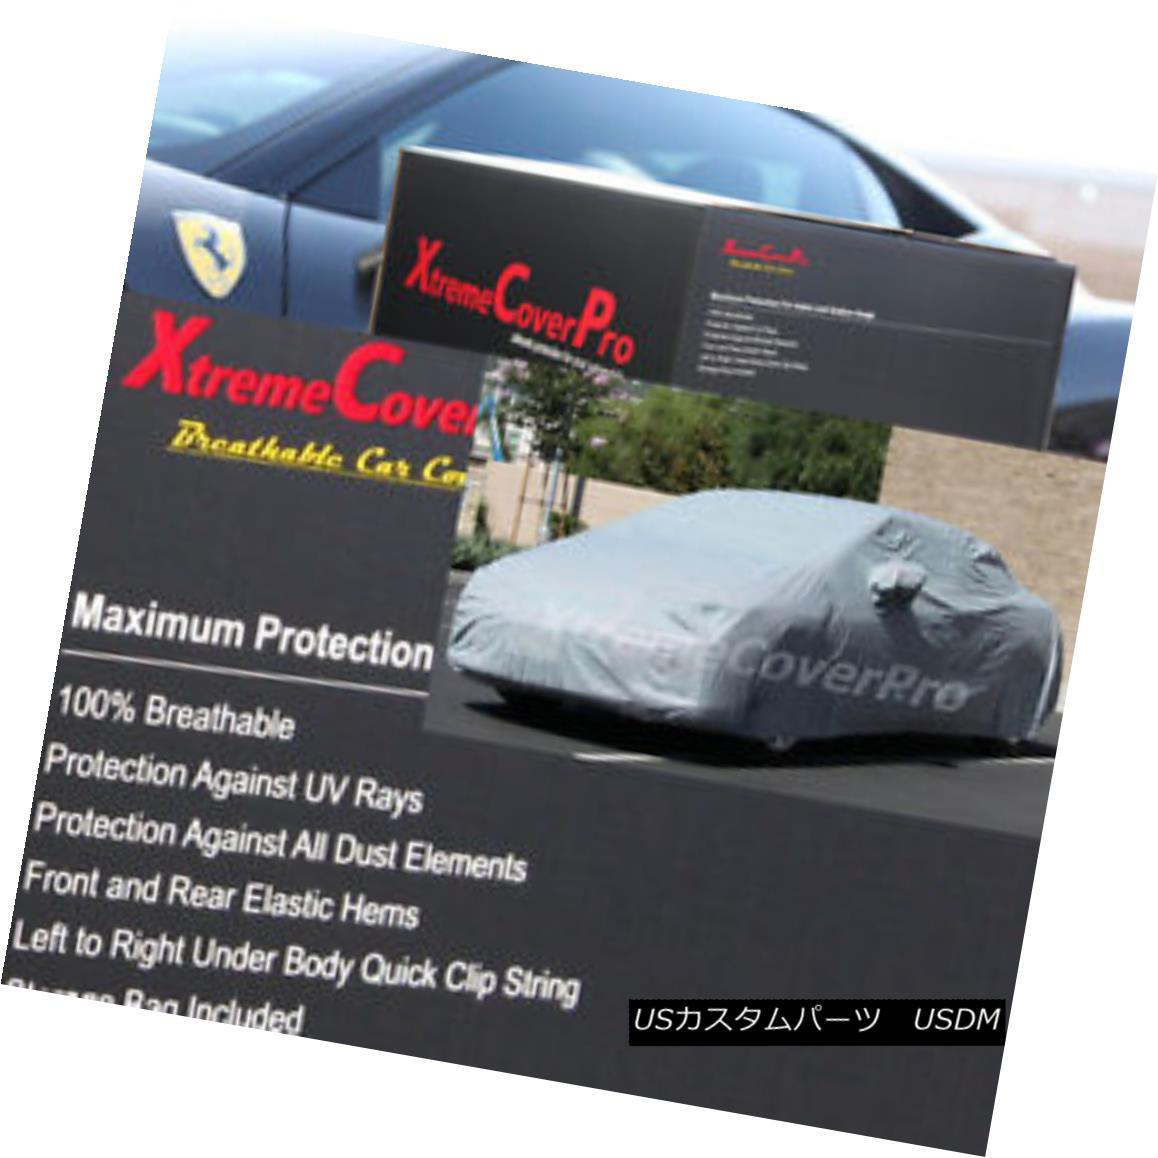 カーカバー 2012 Mazda Mazda3 5-Door Hatchback Breathable Car Cover w/MirrorPocket 2012マツダマツダ3 5ドアハッチバック通気性の車カバー付きMirrorPocket